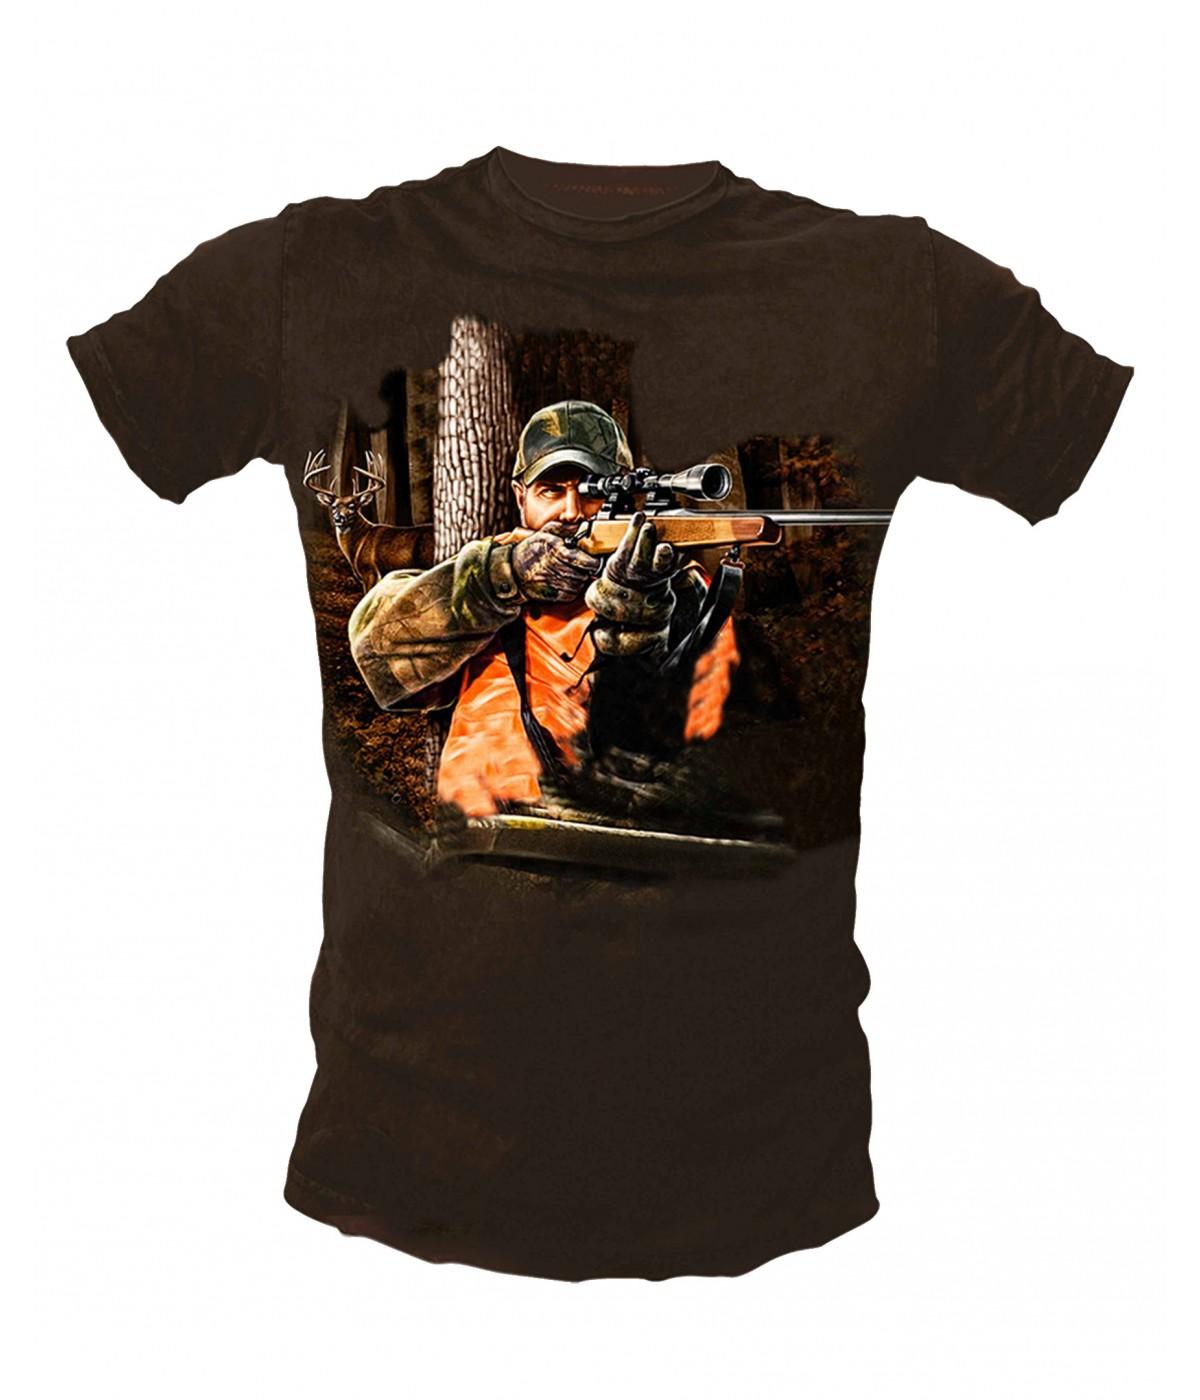 Ловна тениска с ловец